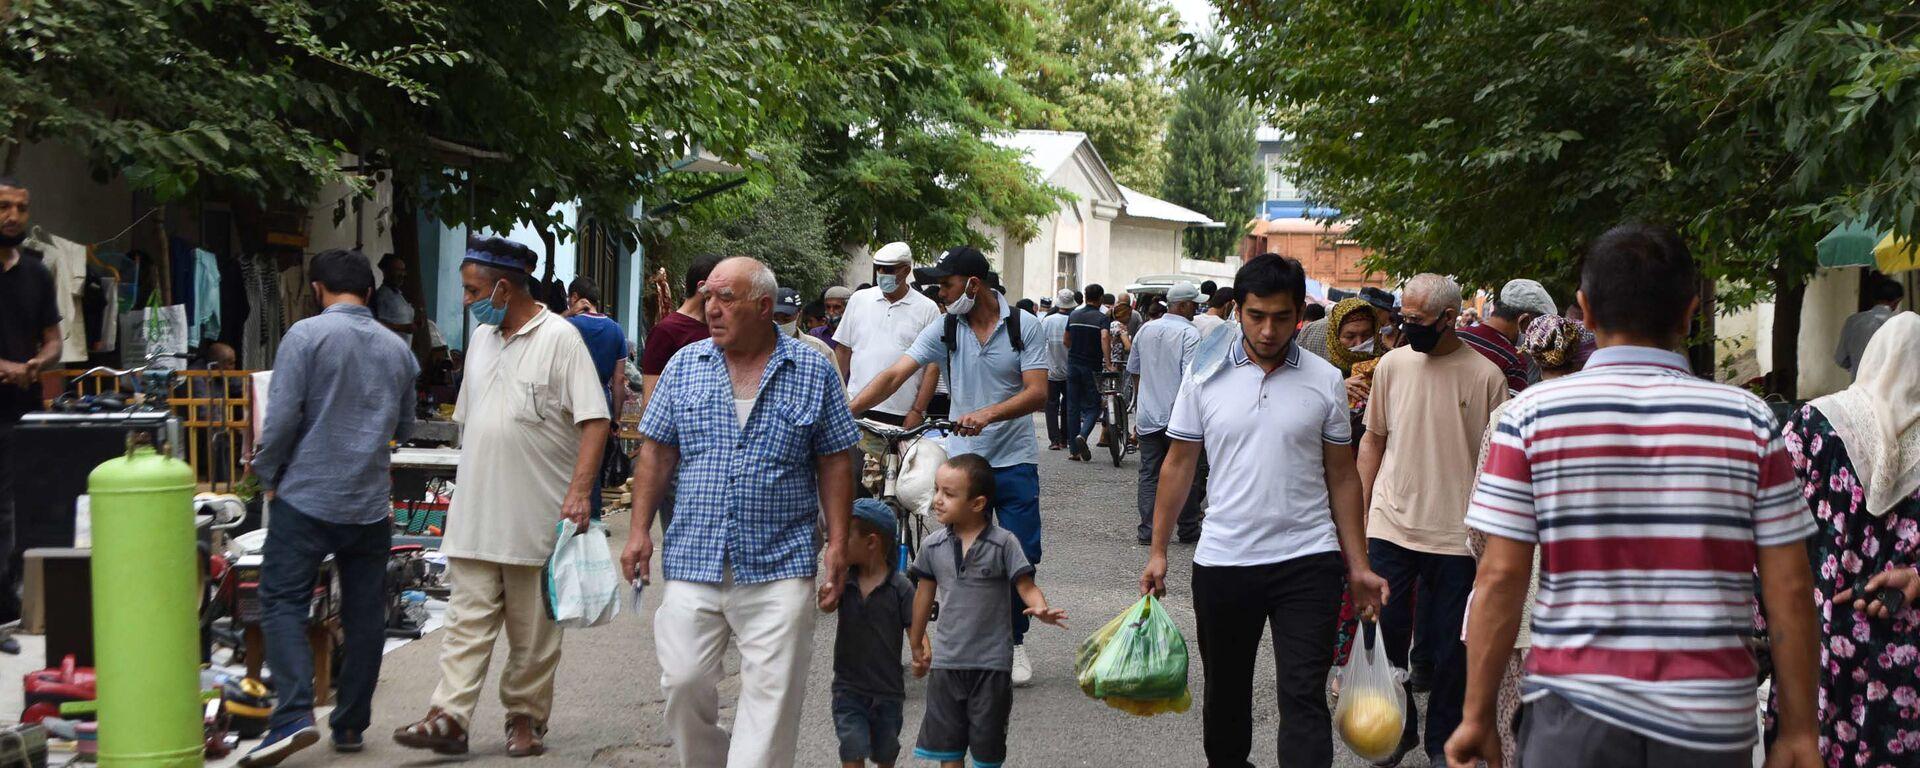 Жители Душанбе на барахолке - Sputnik Таджикистан, 1920, 10.09.2021